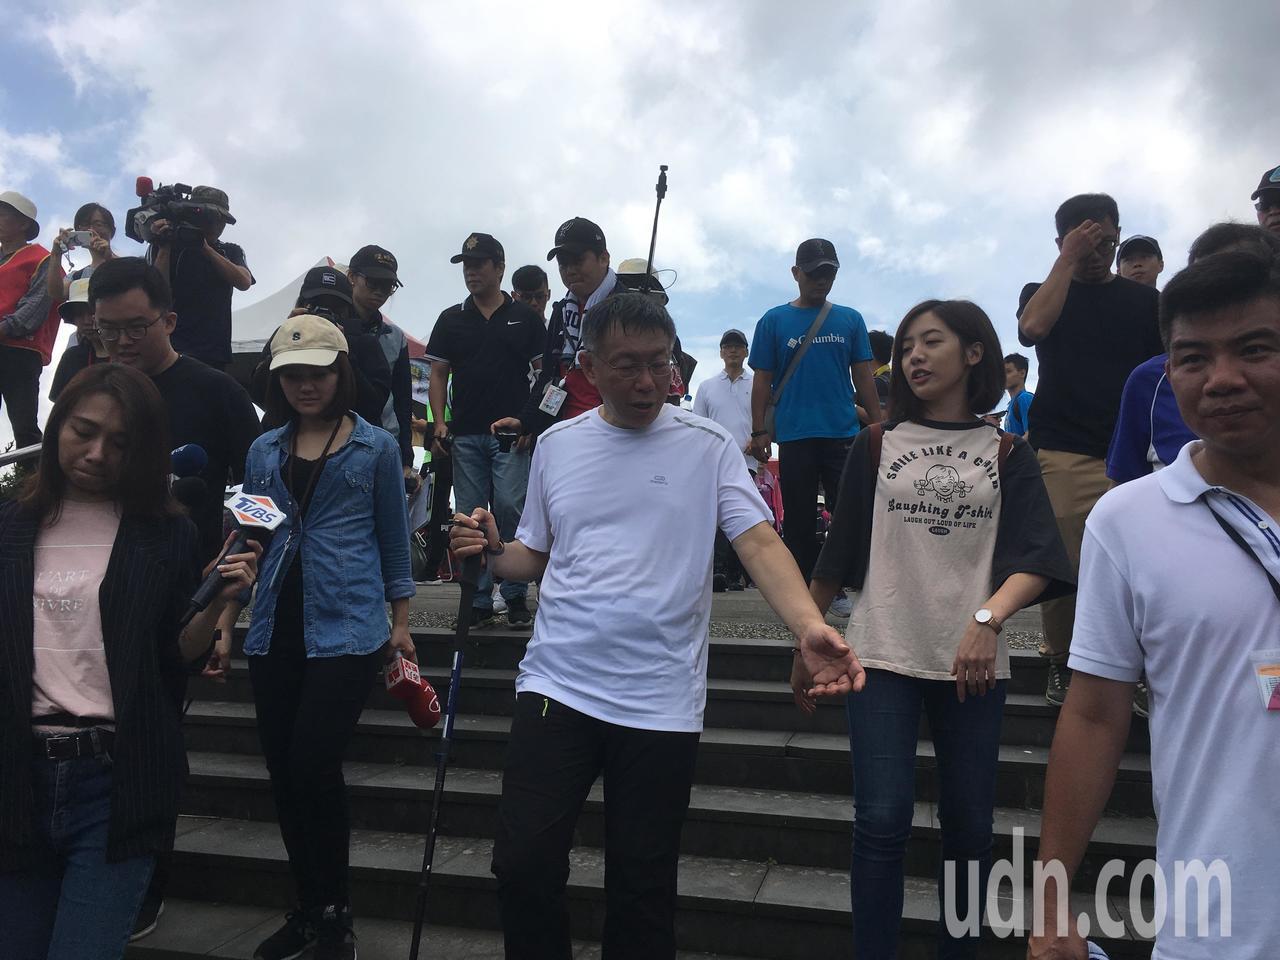 台北市長柯文哲今天上午參加「台北大縱走千人齊步行」。記者張世杰/攝影